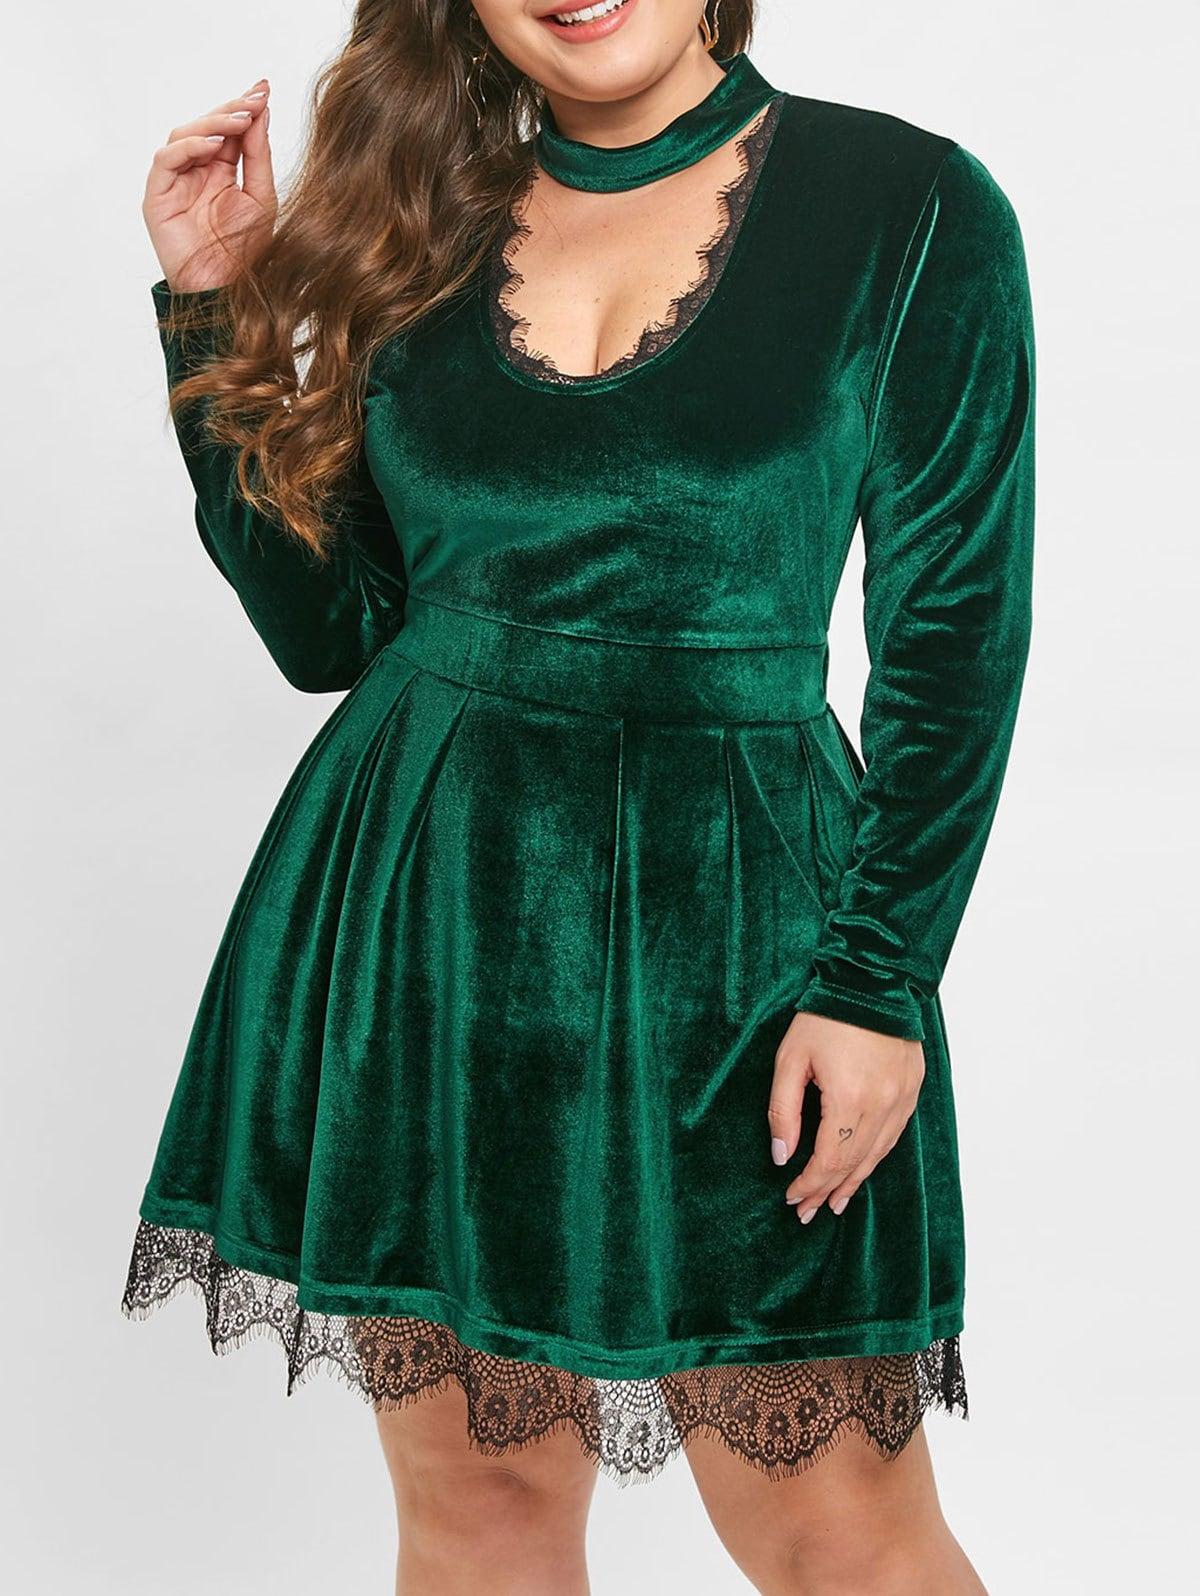 Plus Size Lace Trim Long Sleeves Choker Neck Velvet Mini Dress